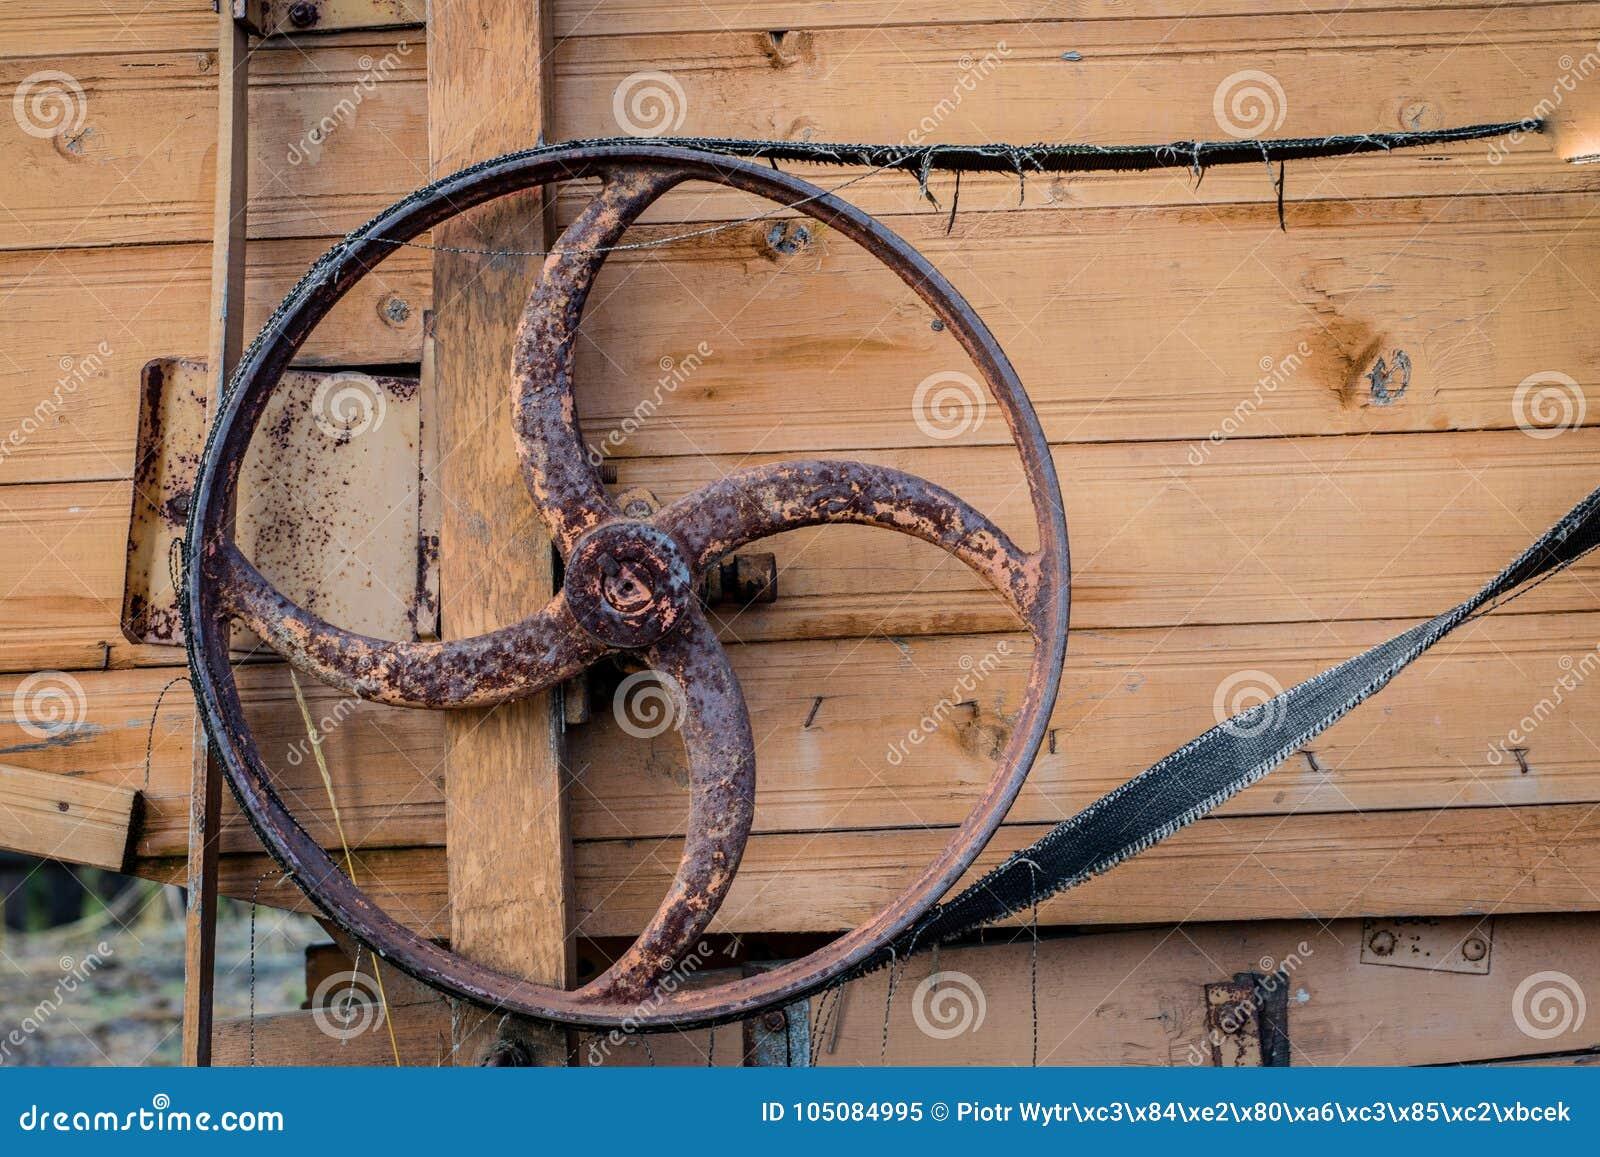 Vieille poulie dans une vieille machine agricole Batteuse, unité centrale